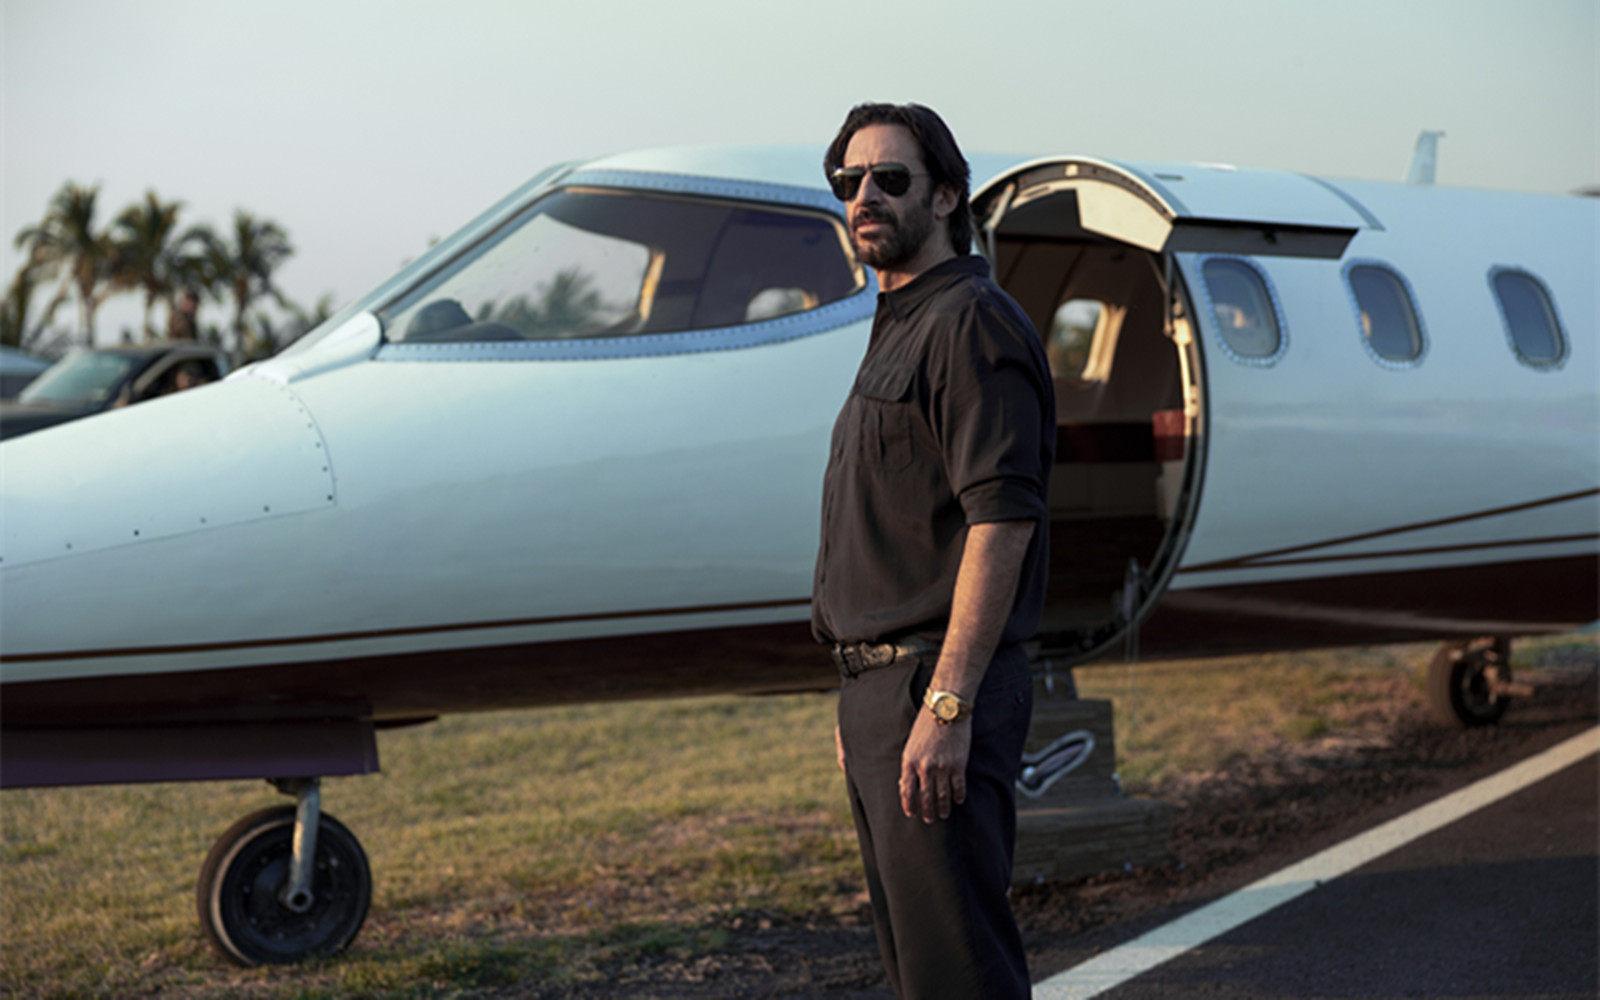 热门美剧《毒枭:墨西哥》第三季发布先导预告